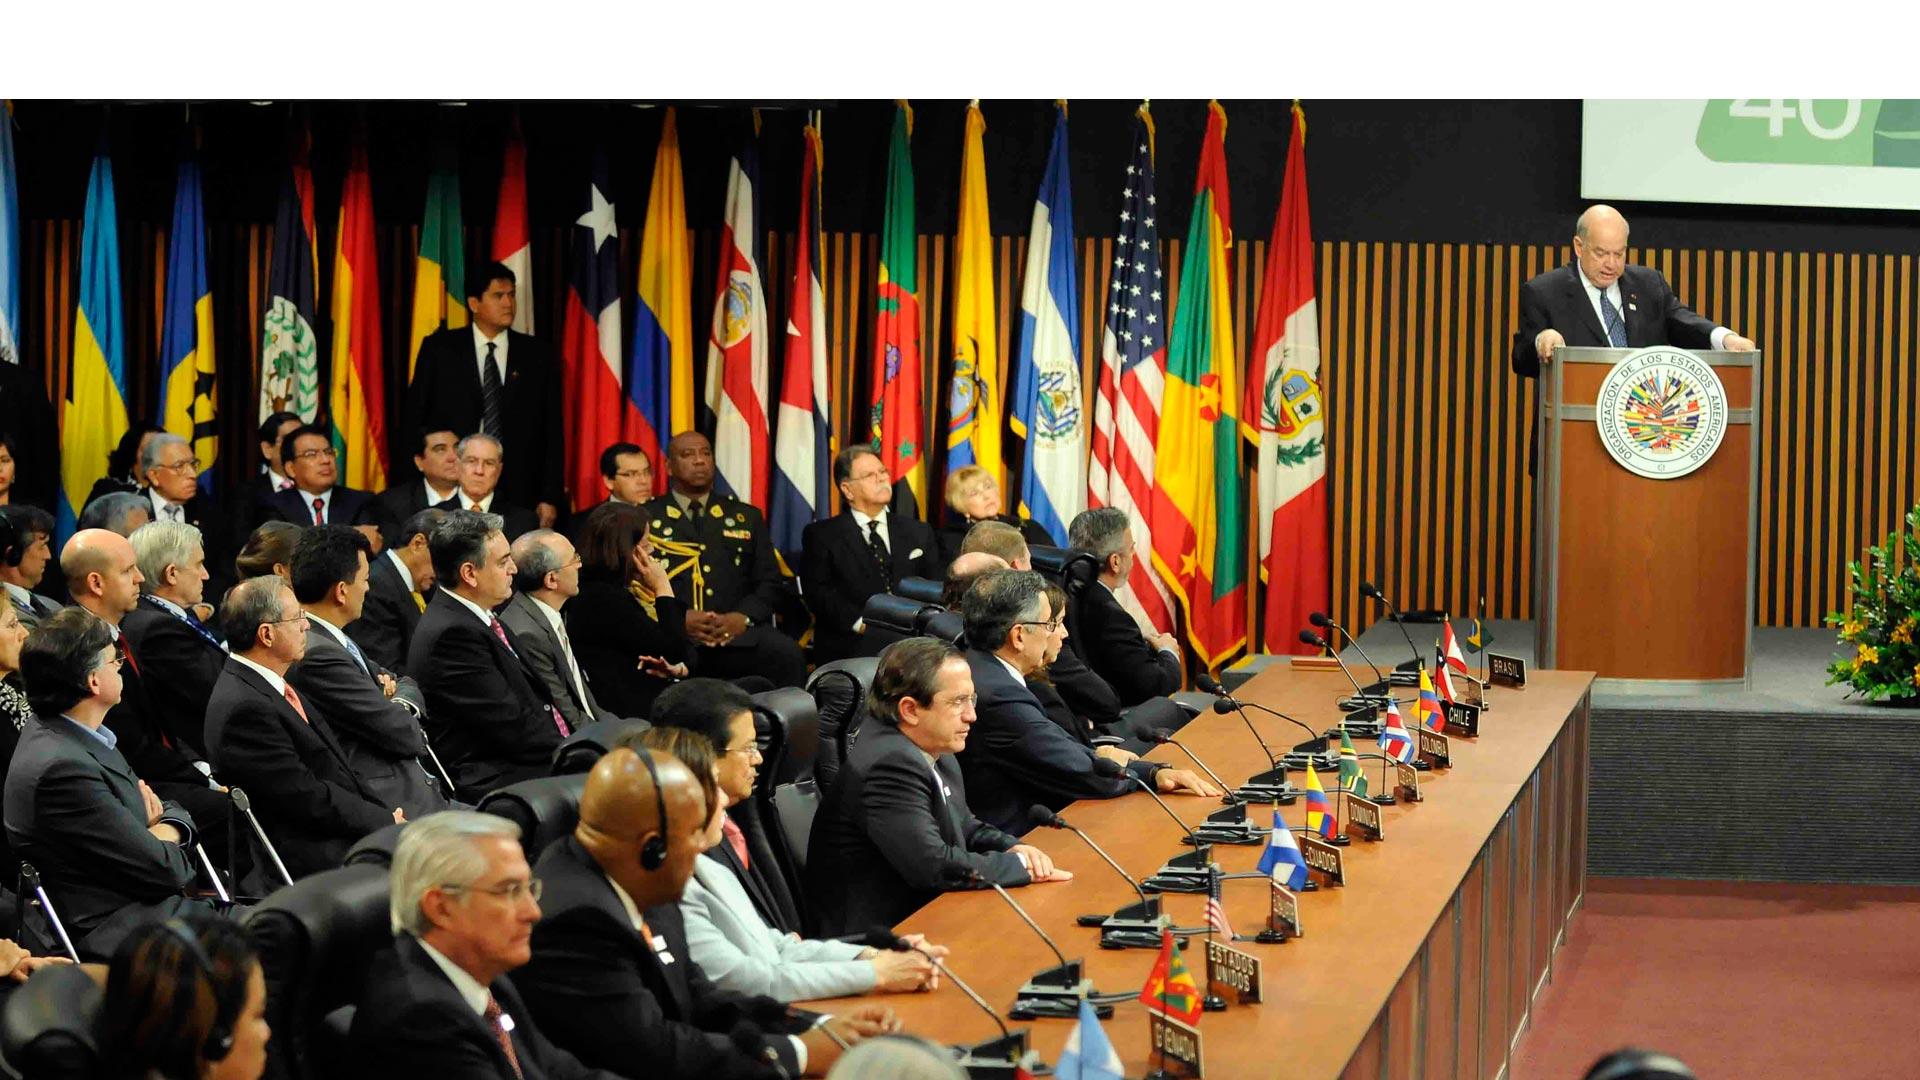 Colombia había pedido la convocatoria de una reunión para analizar la situación humanitaria que viven sus ciudadanos en Venezuela